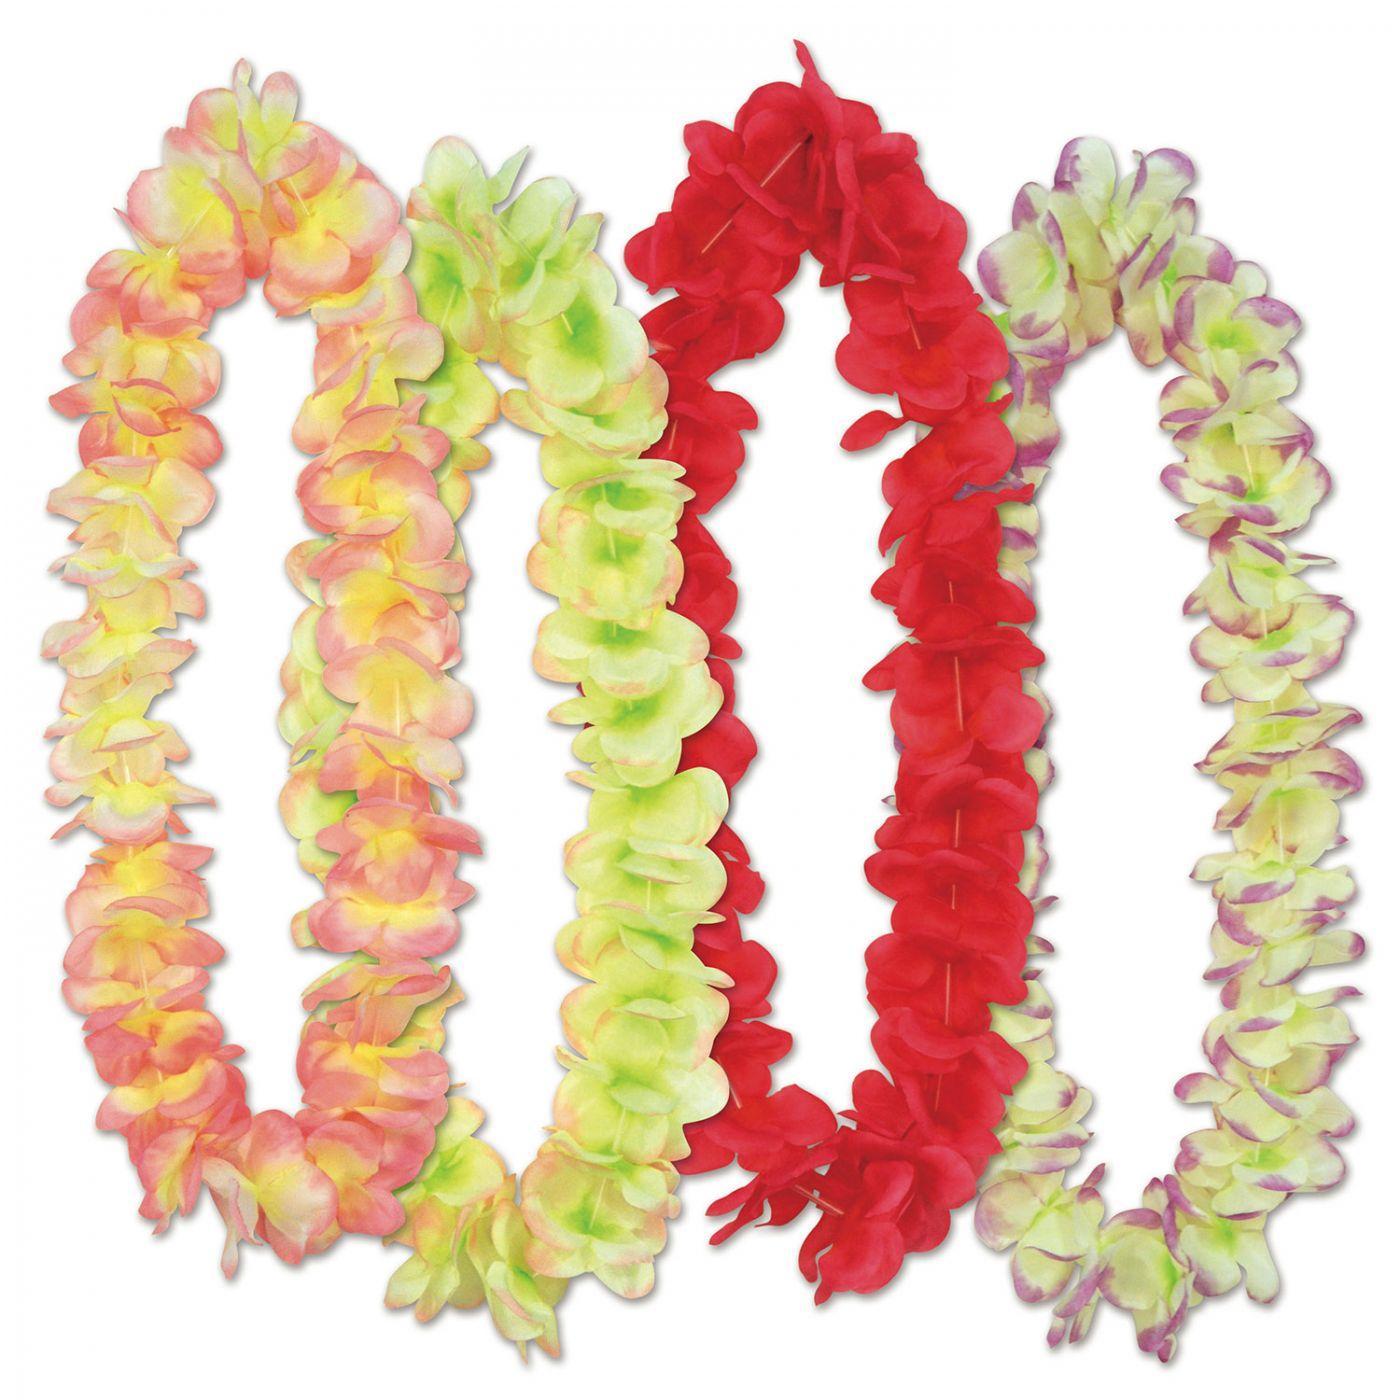 Image of Aloha Floral Leis (6)